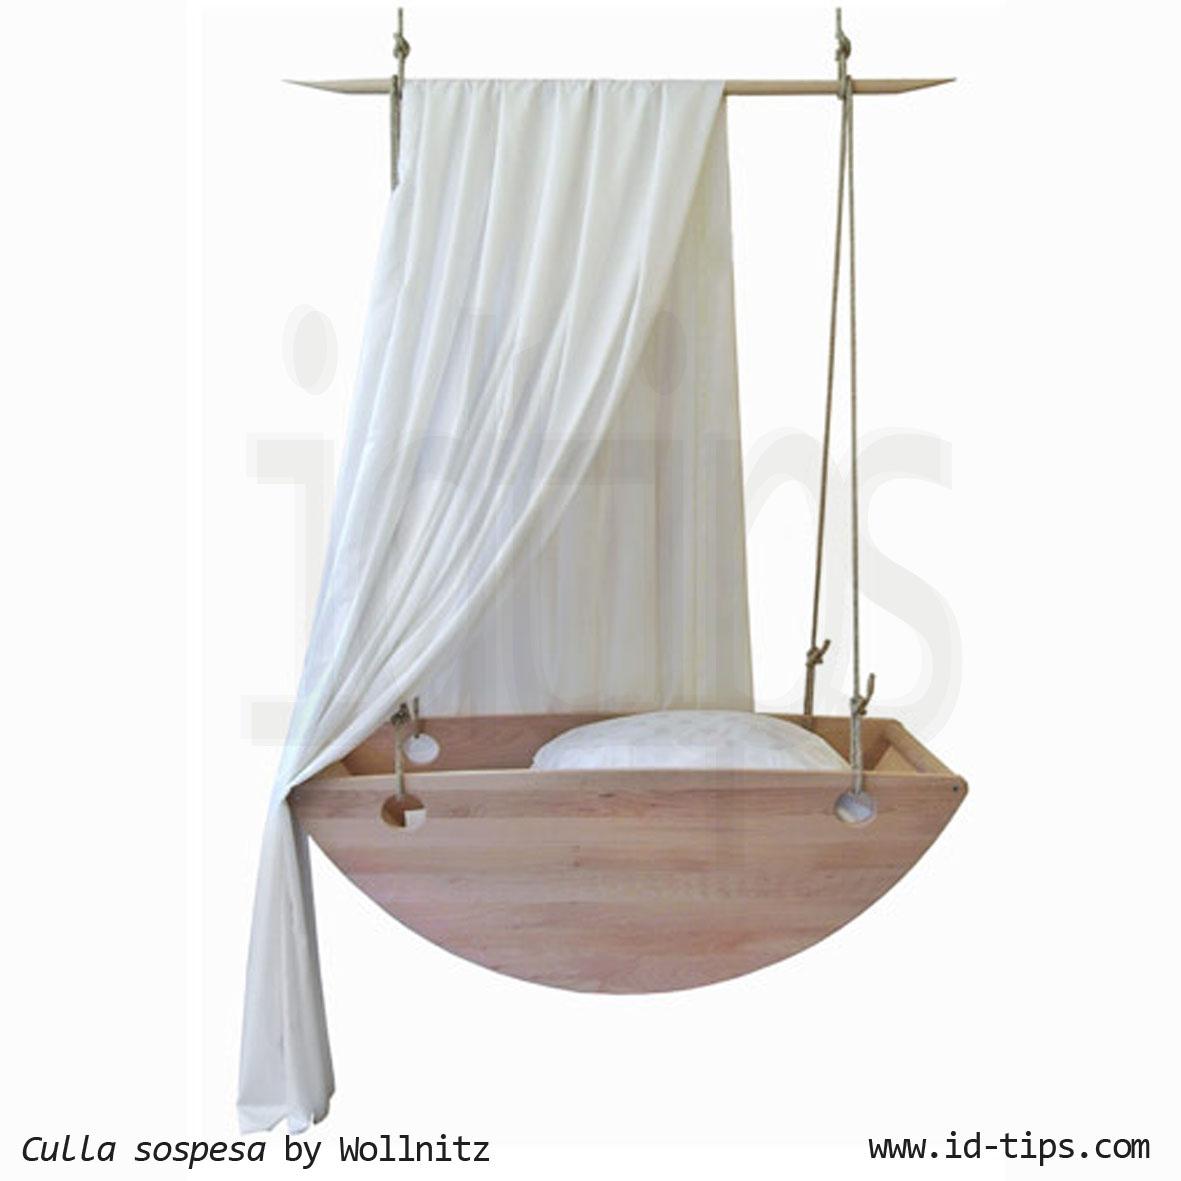 Quando arriva la cicogna id tips interior design tips - Poltrone sospese ikea ...